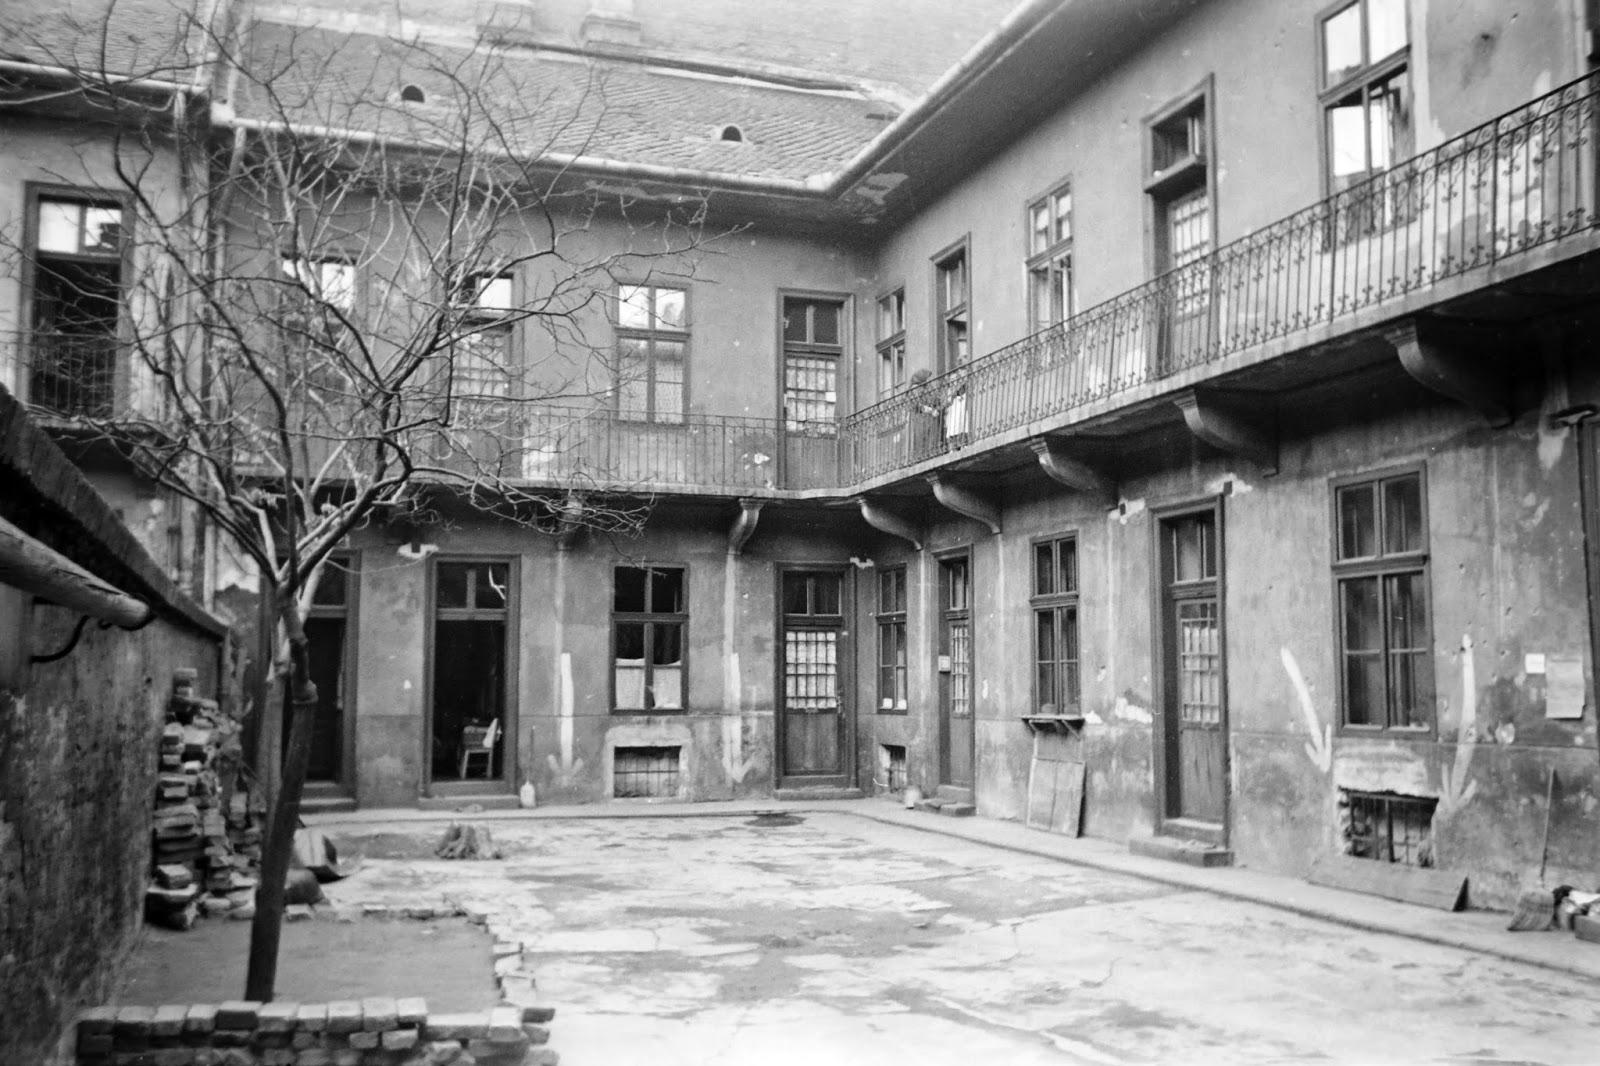 a Magyar Költészet Napja, József Attila, költészet, vers, Április 11, évforduló, ünnep, József Attila szülőháza